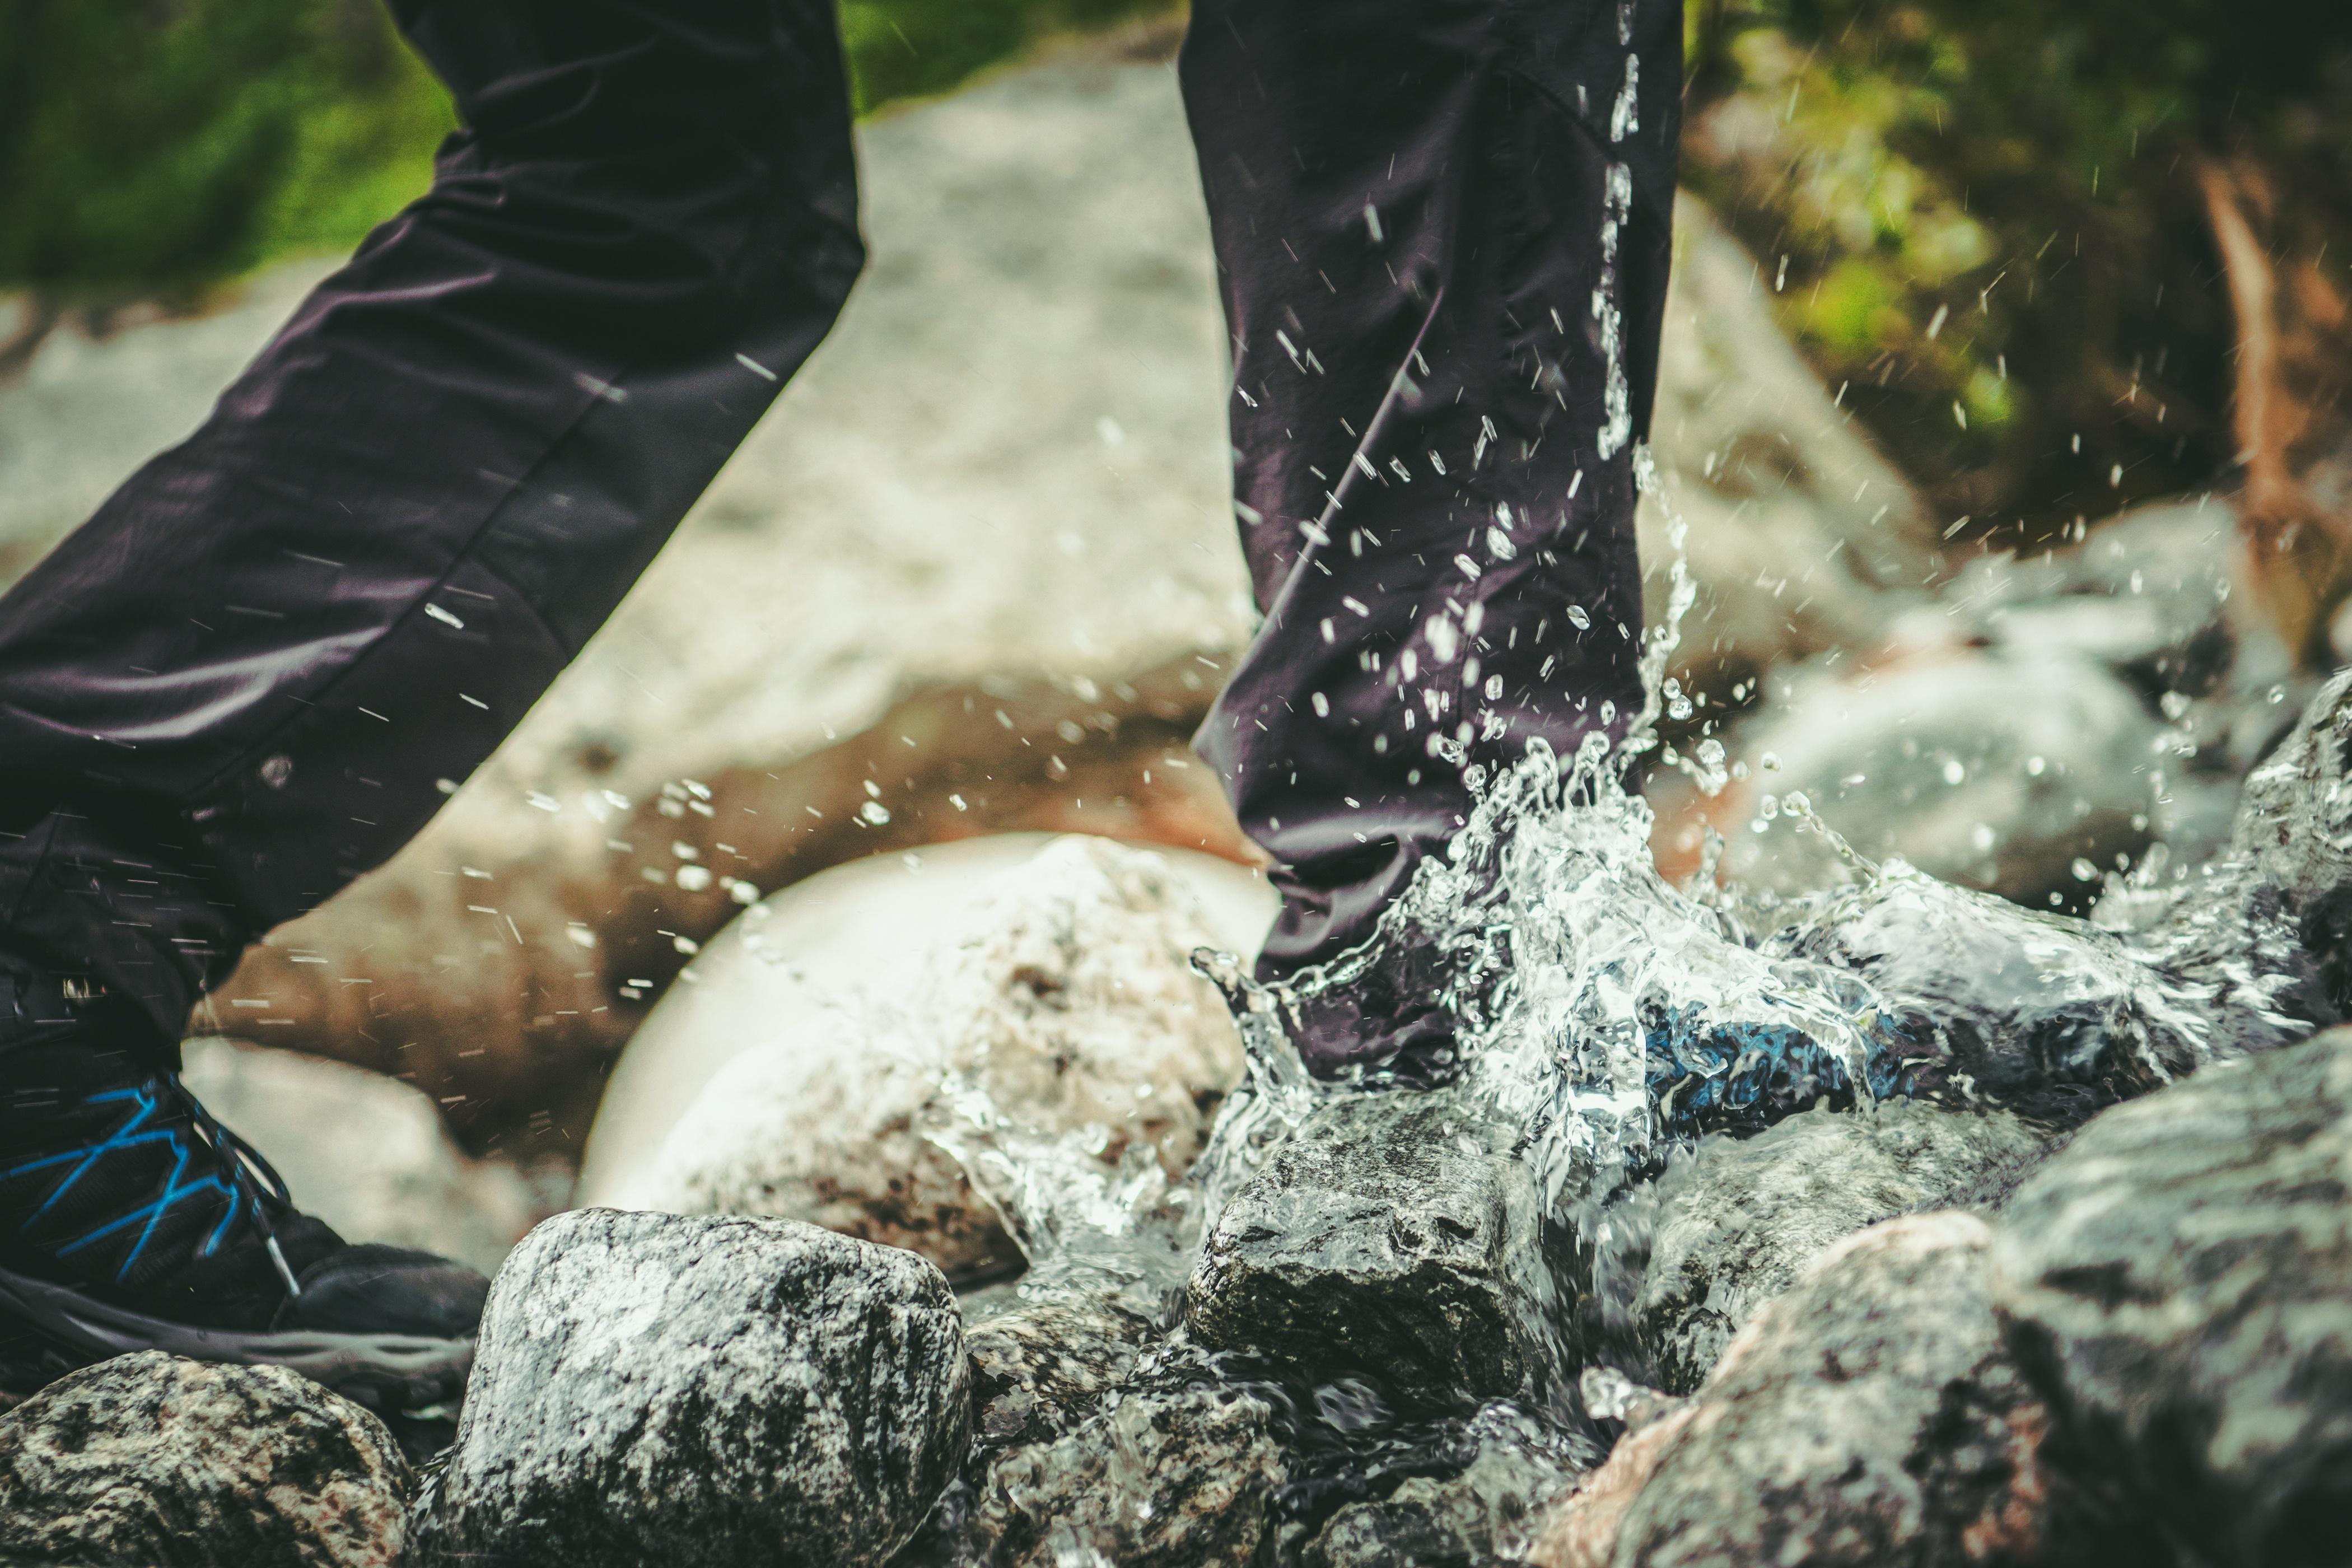 good sneakers for rain